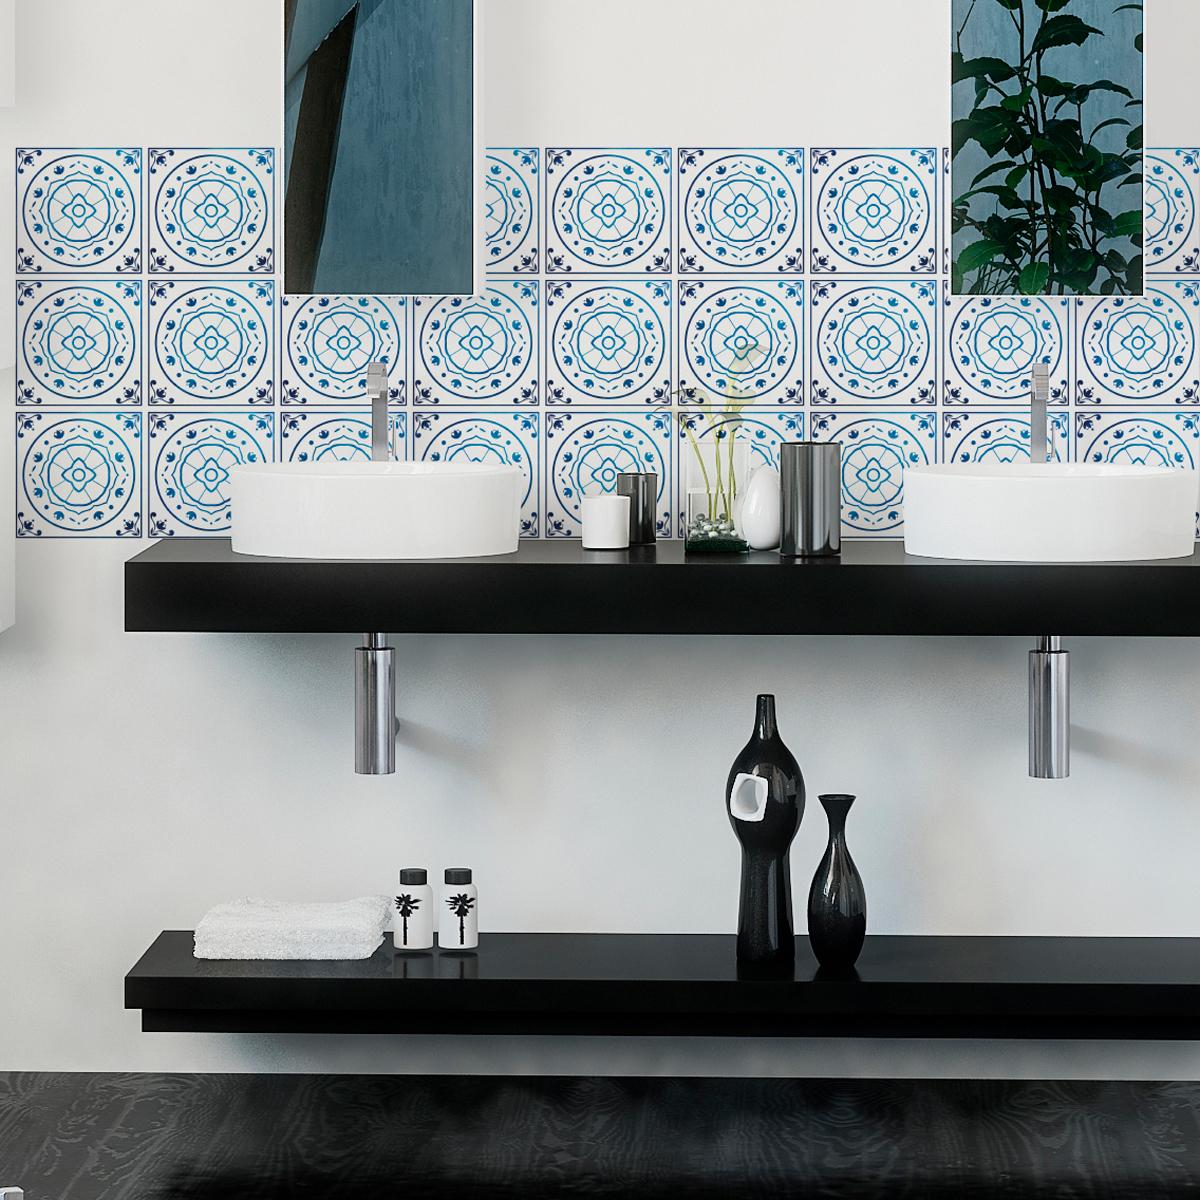 9 stickers carreaux de ciment delft la haye cuisine. Black Bedroom Furniture Sets. Home Design Ideas